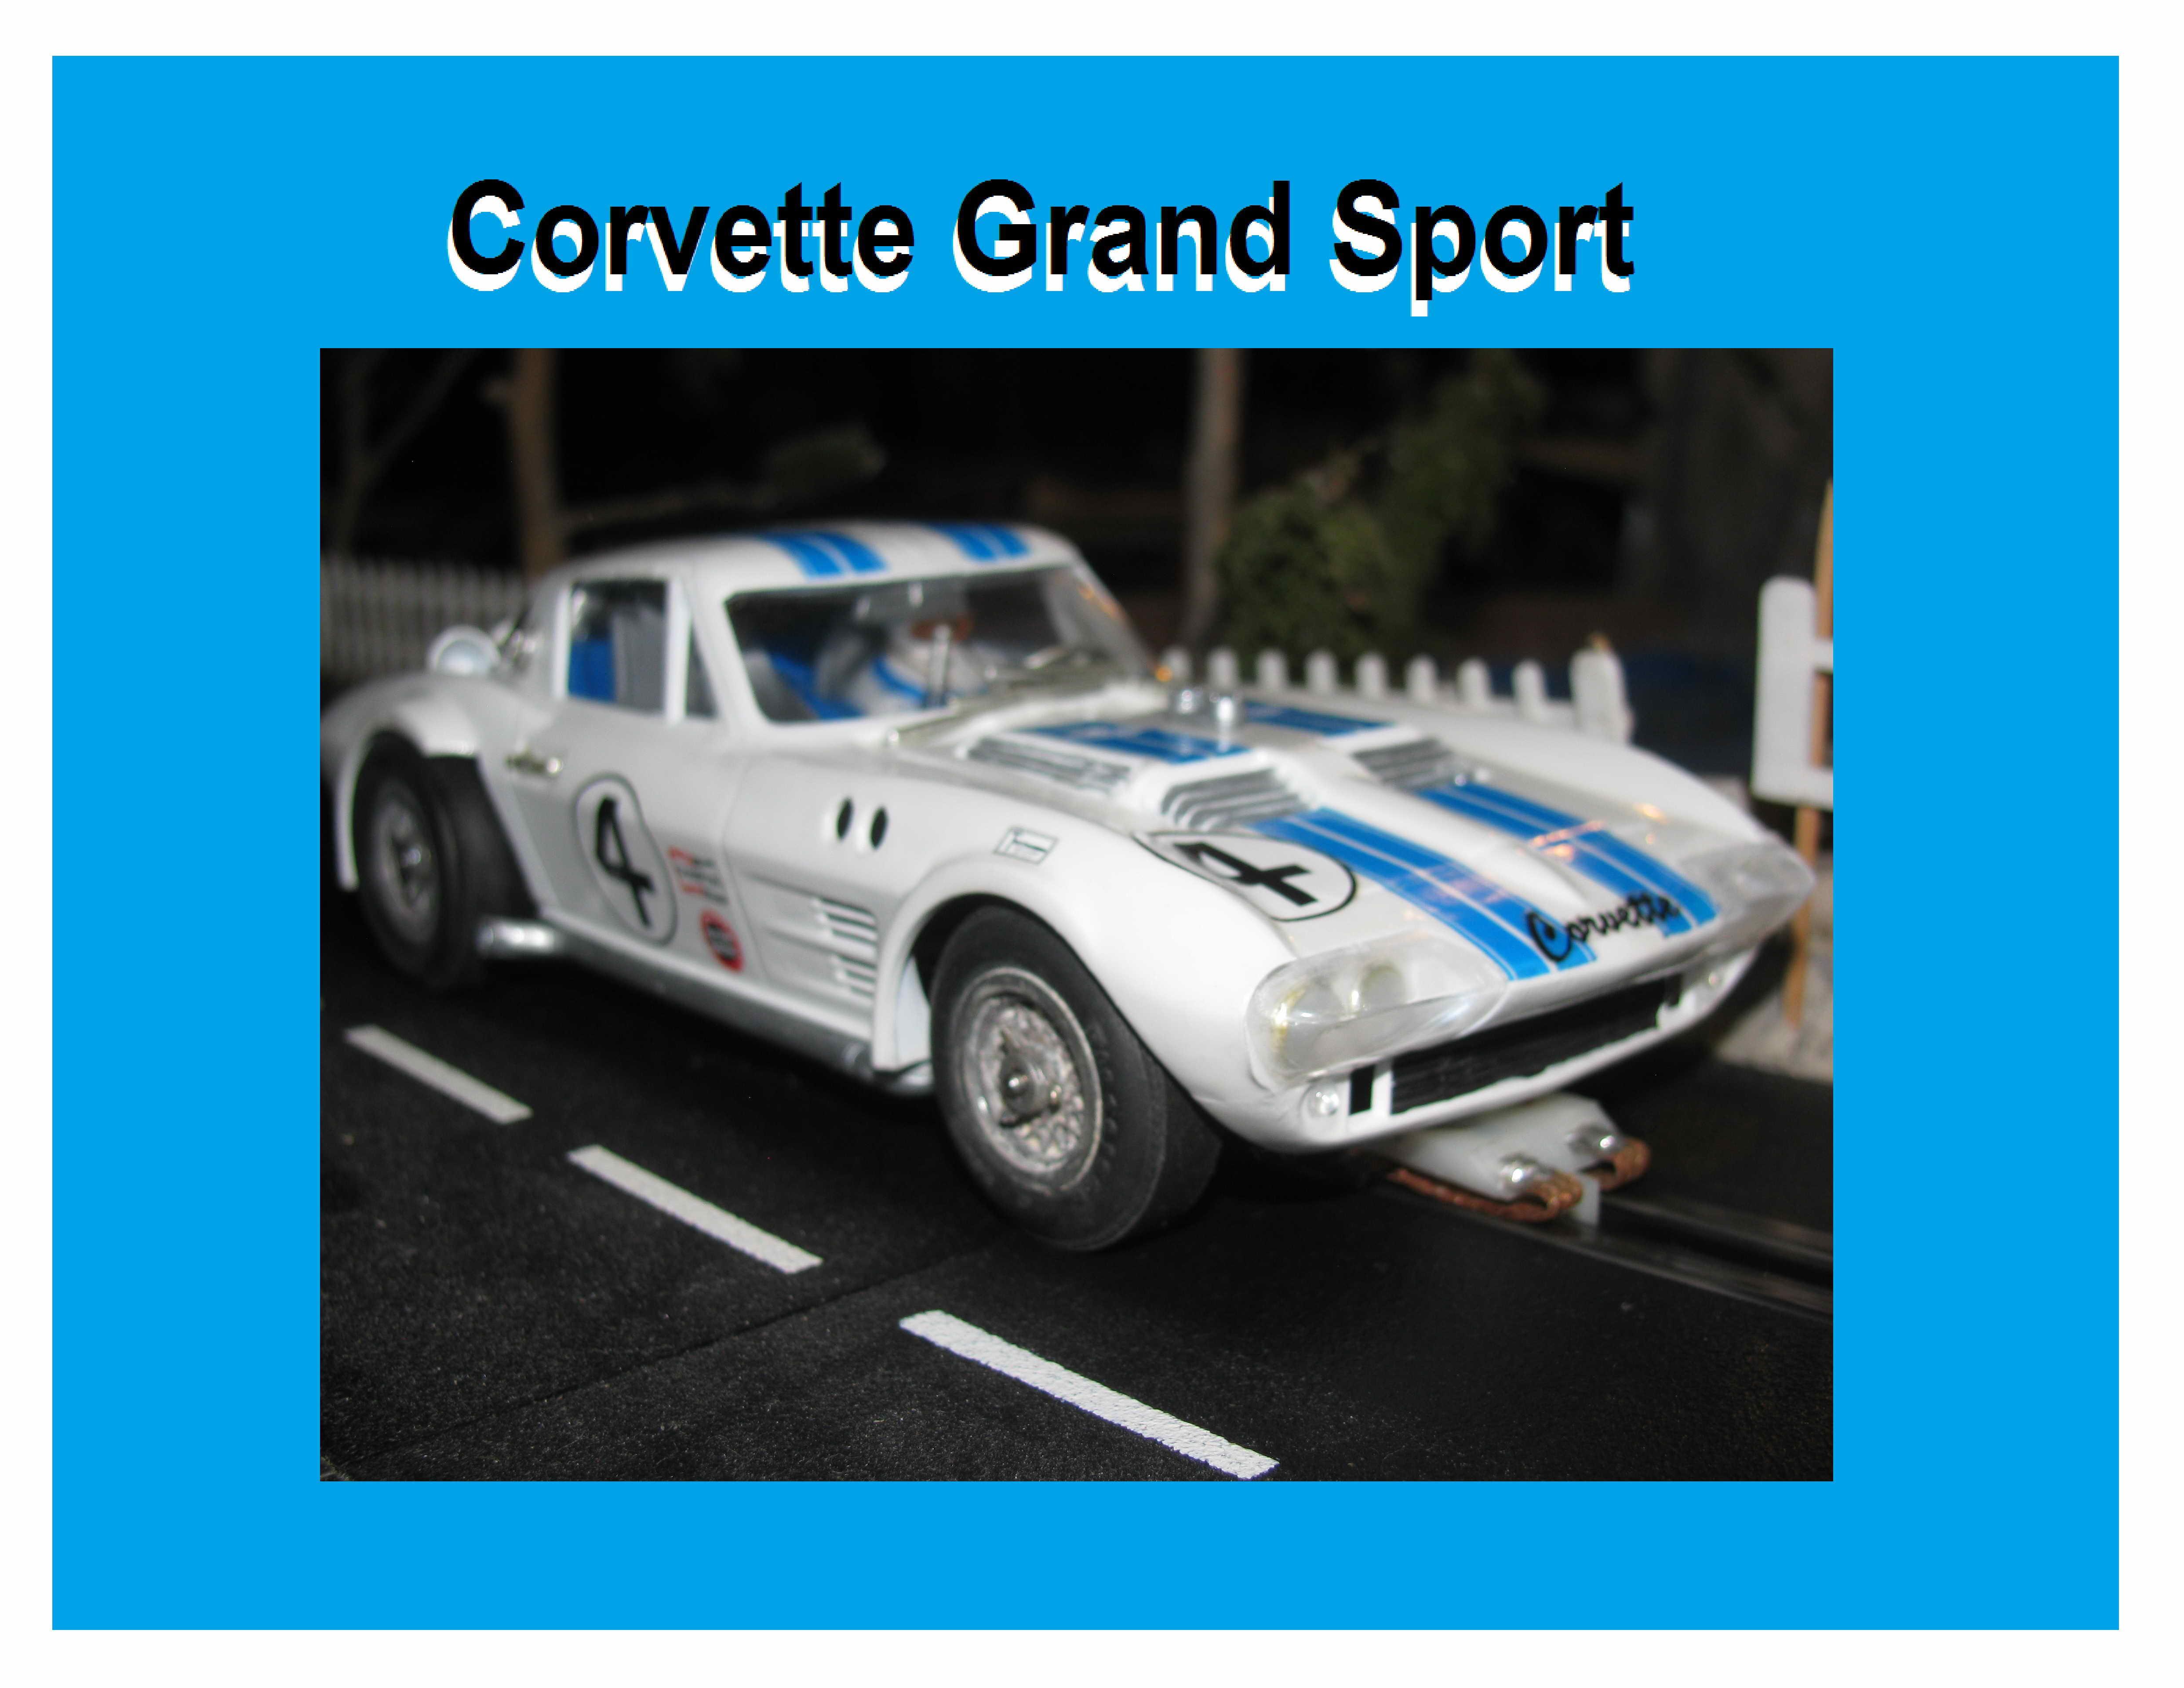 * SOLD * COX Ultimate 1964 Corvette Grand Sport 1/24 Scale Slot Car